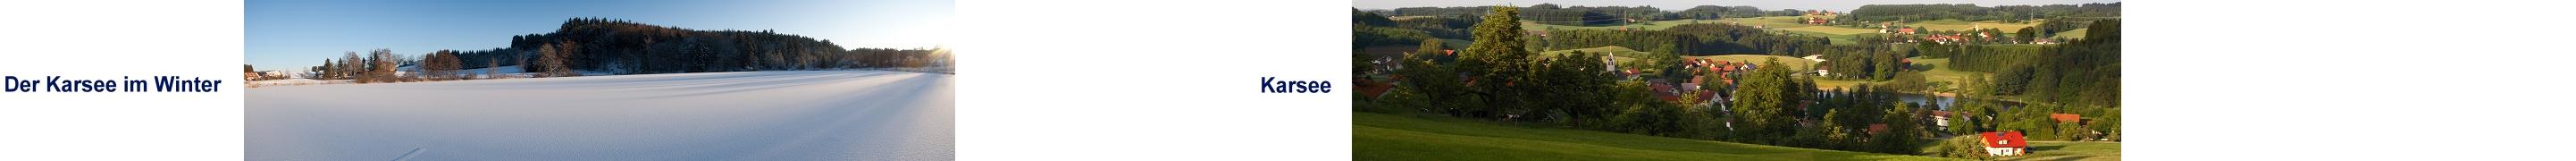 20090522_2503_pano_karsee